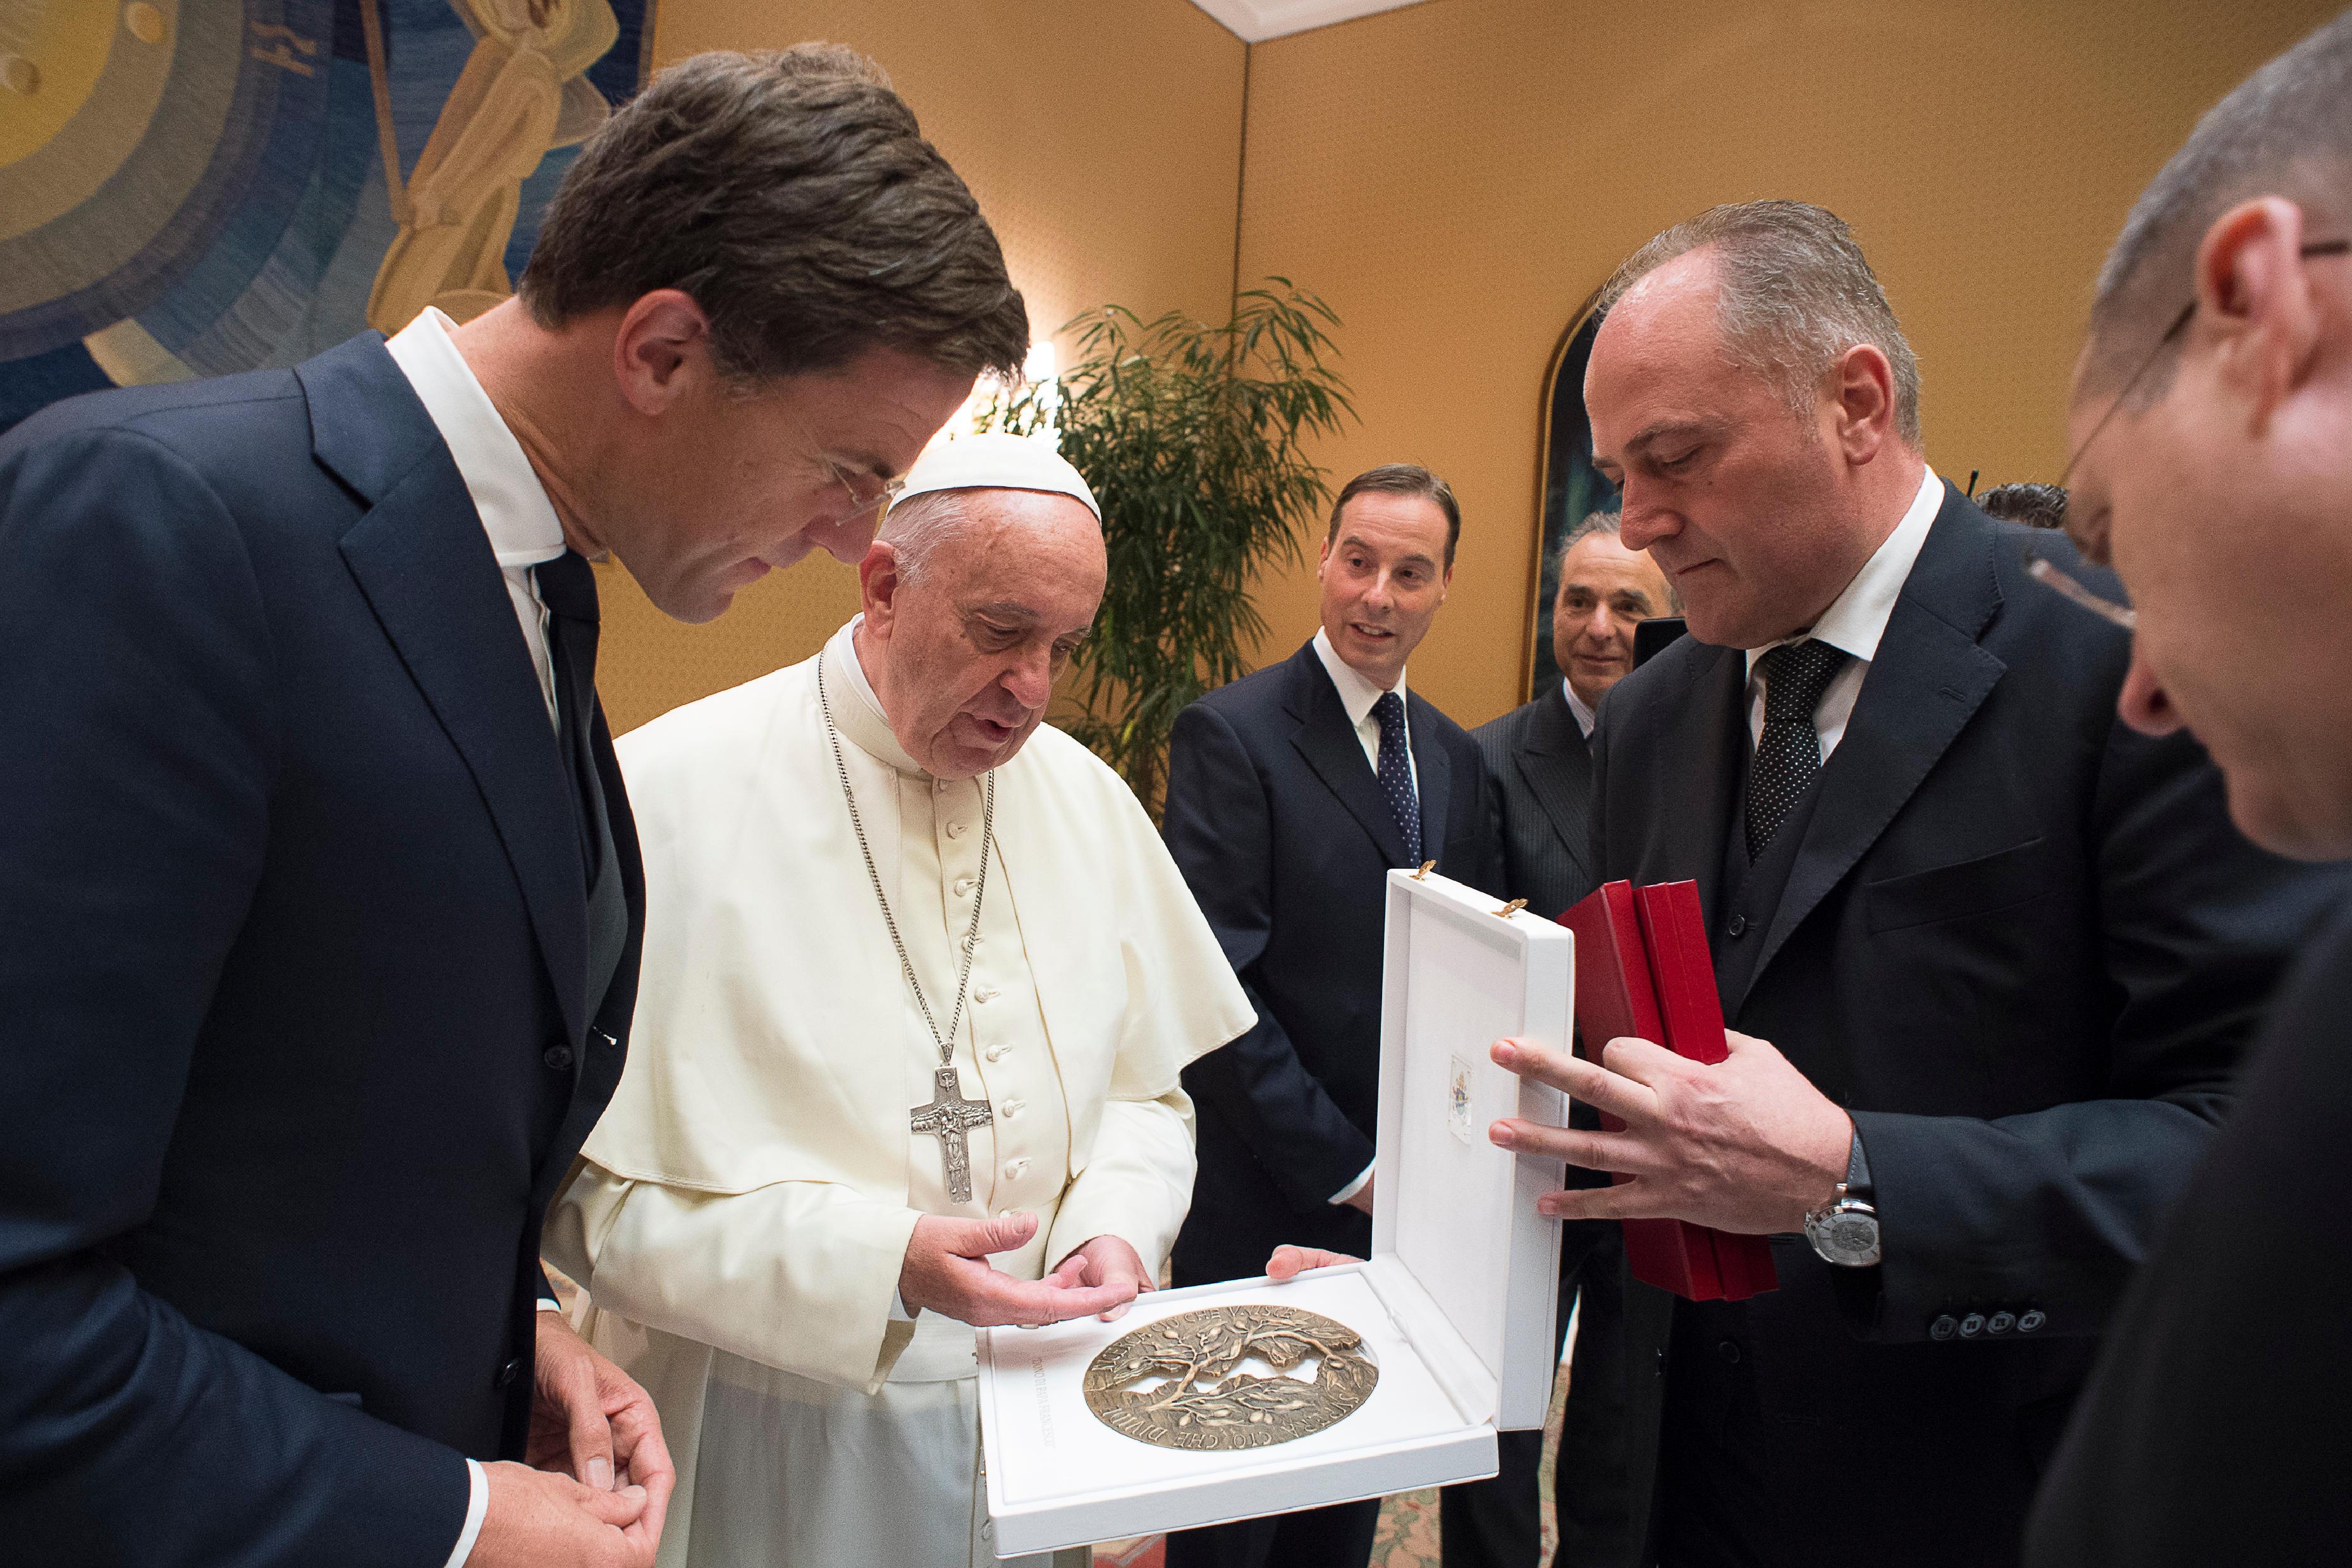 Mark Rutte, Premier minsitre des Pays-Bas au vatican, 15 juin 2016, L'Osservatore Romano